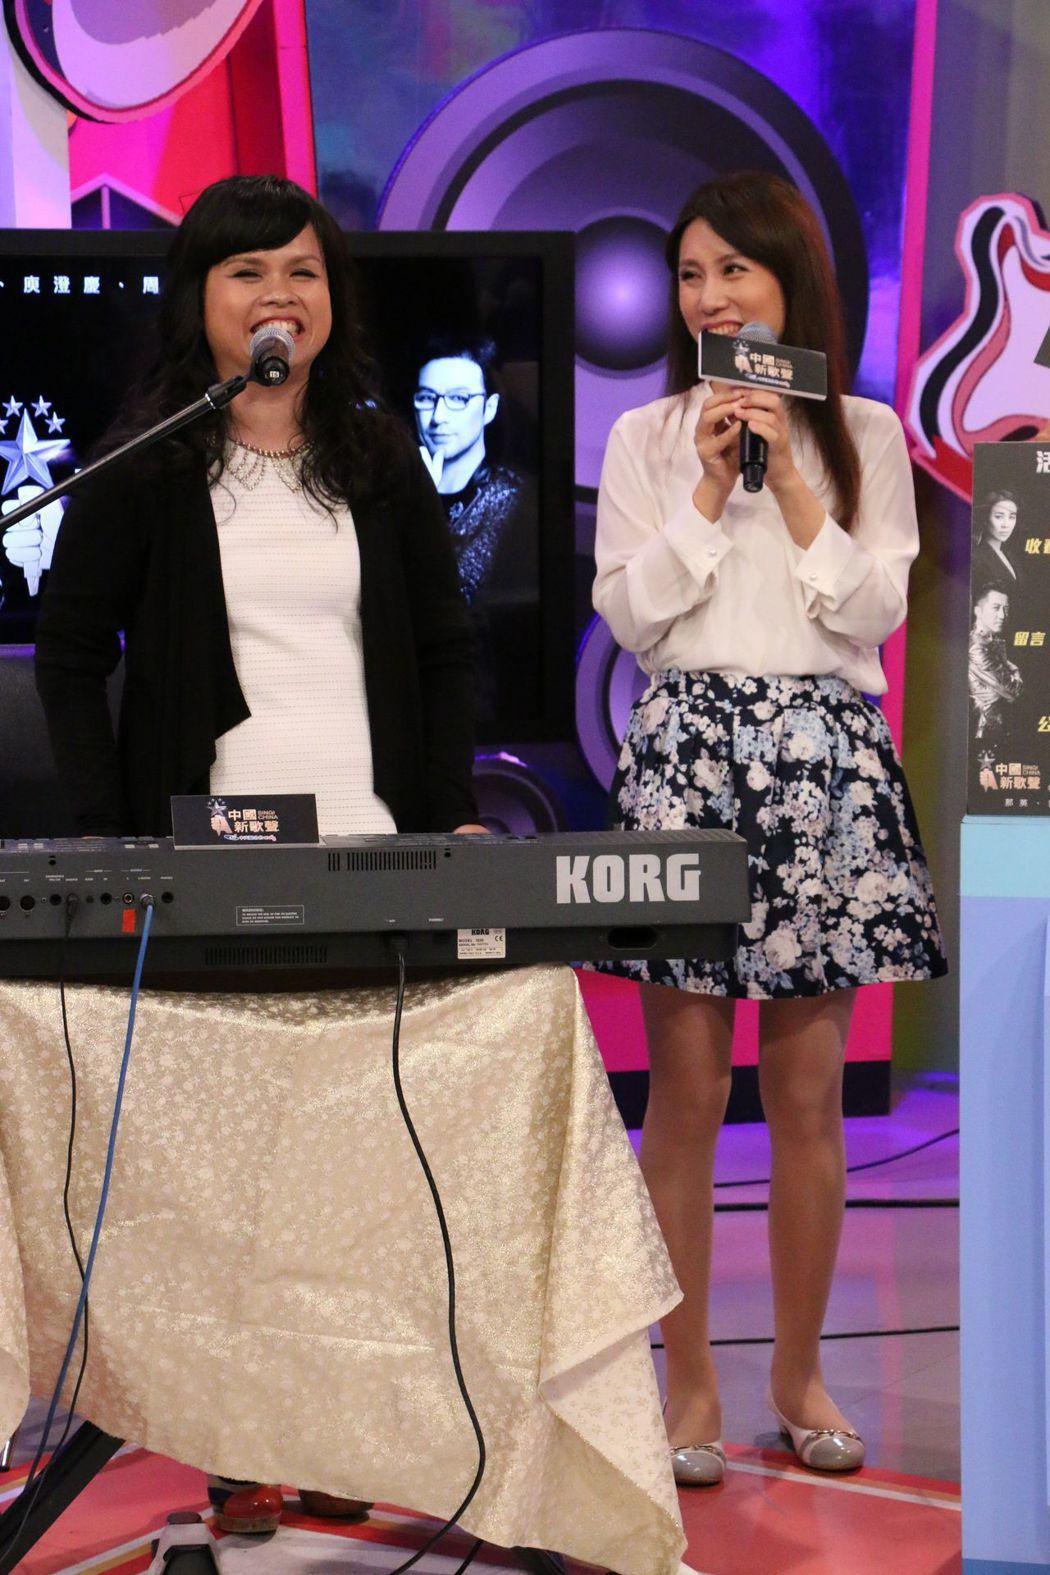 張玉霞(左)、張玉玲出席中天「點播新歌聲,就唱給你聽」網路直播點歌活動。圖/中天